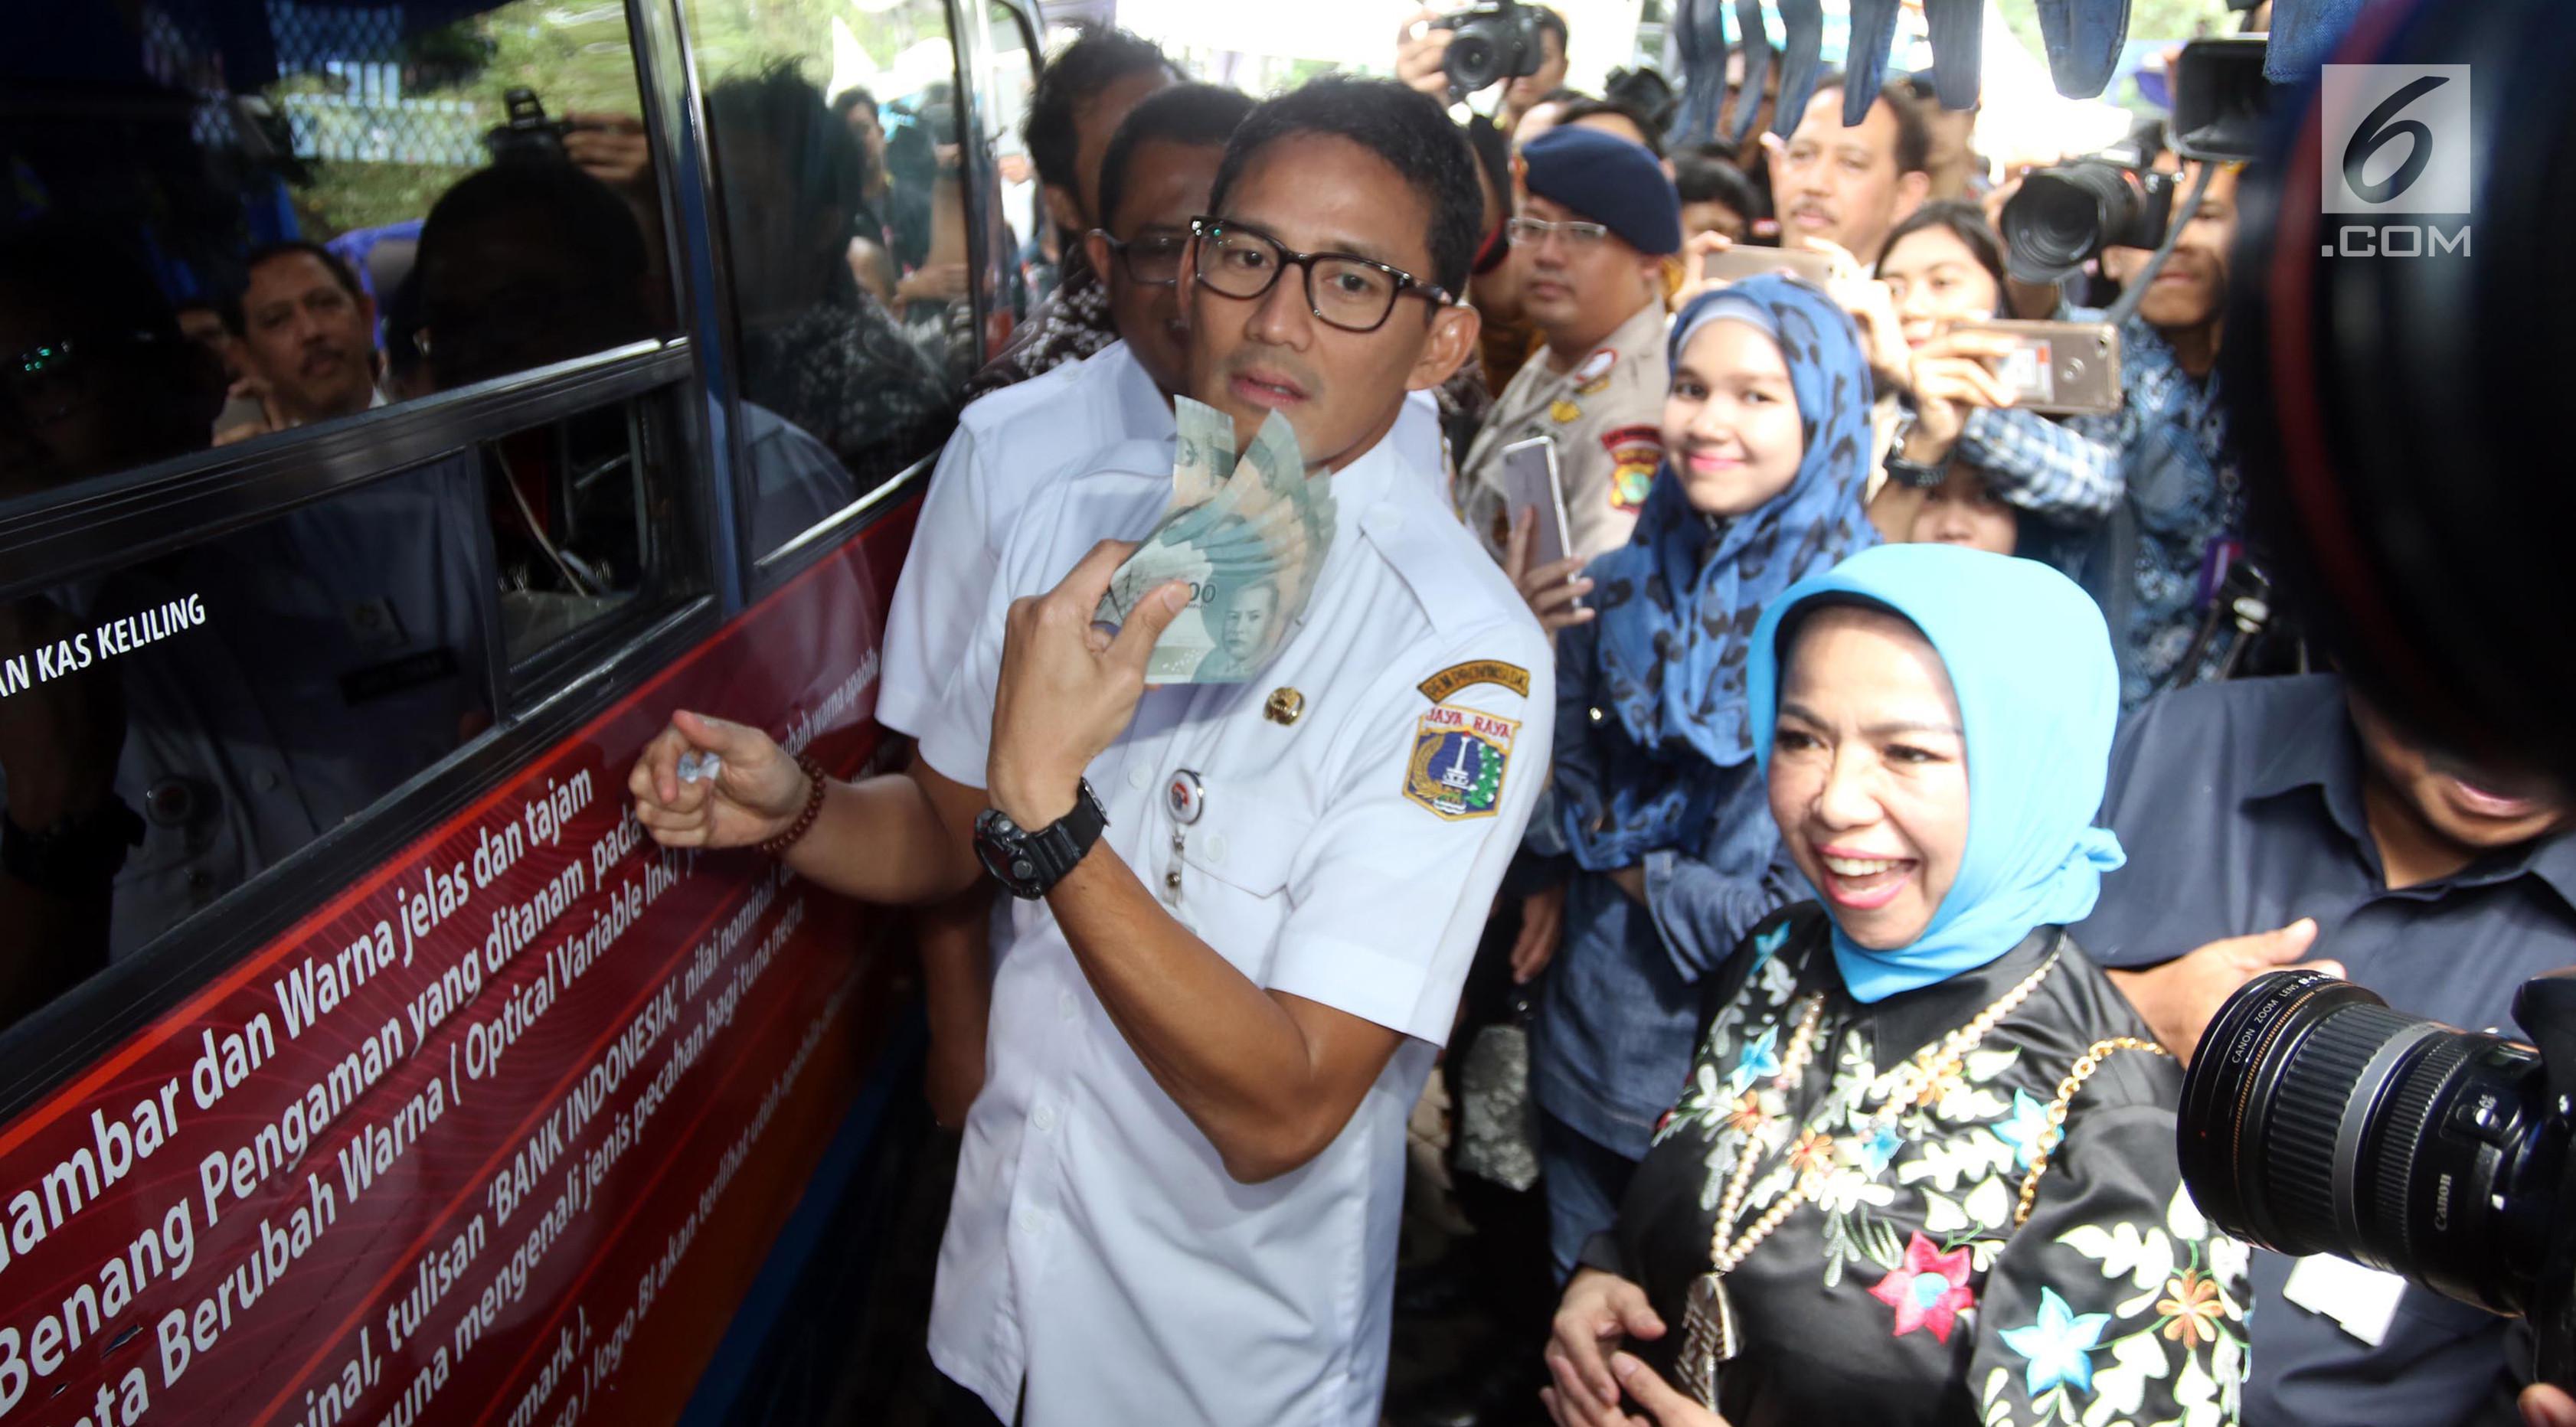 Wagub DKI Jakarta Sandiaga Uno (kiri) dan Deputi Gubernur BI Rosmaya Hadi (kanan) mengunjungi pelayanan penukaran uang di Monas, Jakarta, Rabu (23/5). Hal ini upaya BI untuk memenuhi kebutuhan uang pecahan jelang Idul Fitri. (Liputan6.com/Arya Manggala)